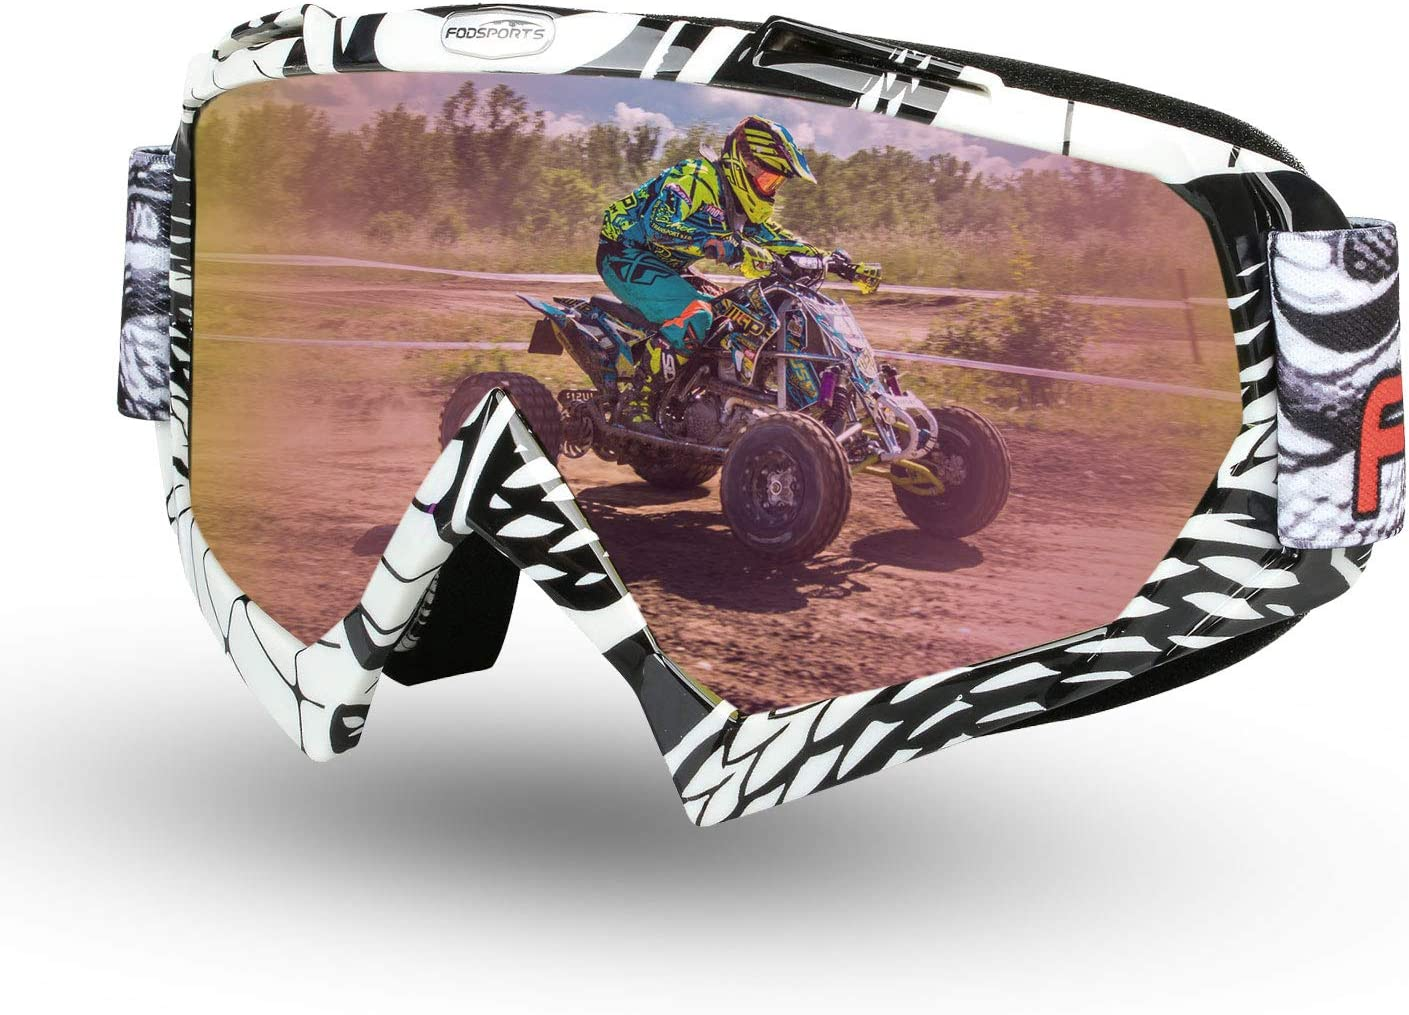 Fodsport Gafas de Moto Gafas Crossed Gafas Ciclismo Gafas Protección Mascara para Moto Motocross Esqui Deporte Ajustable (Multicolor B): Amazon.es: Coche y moto